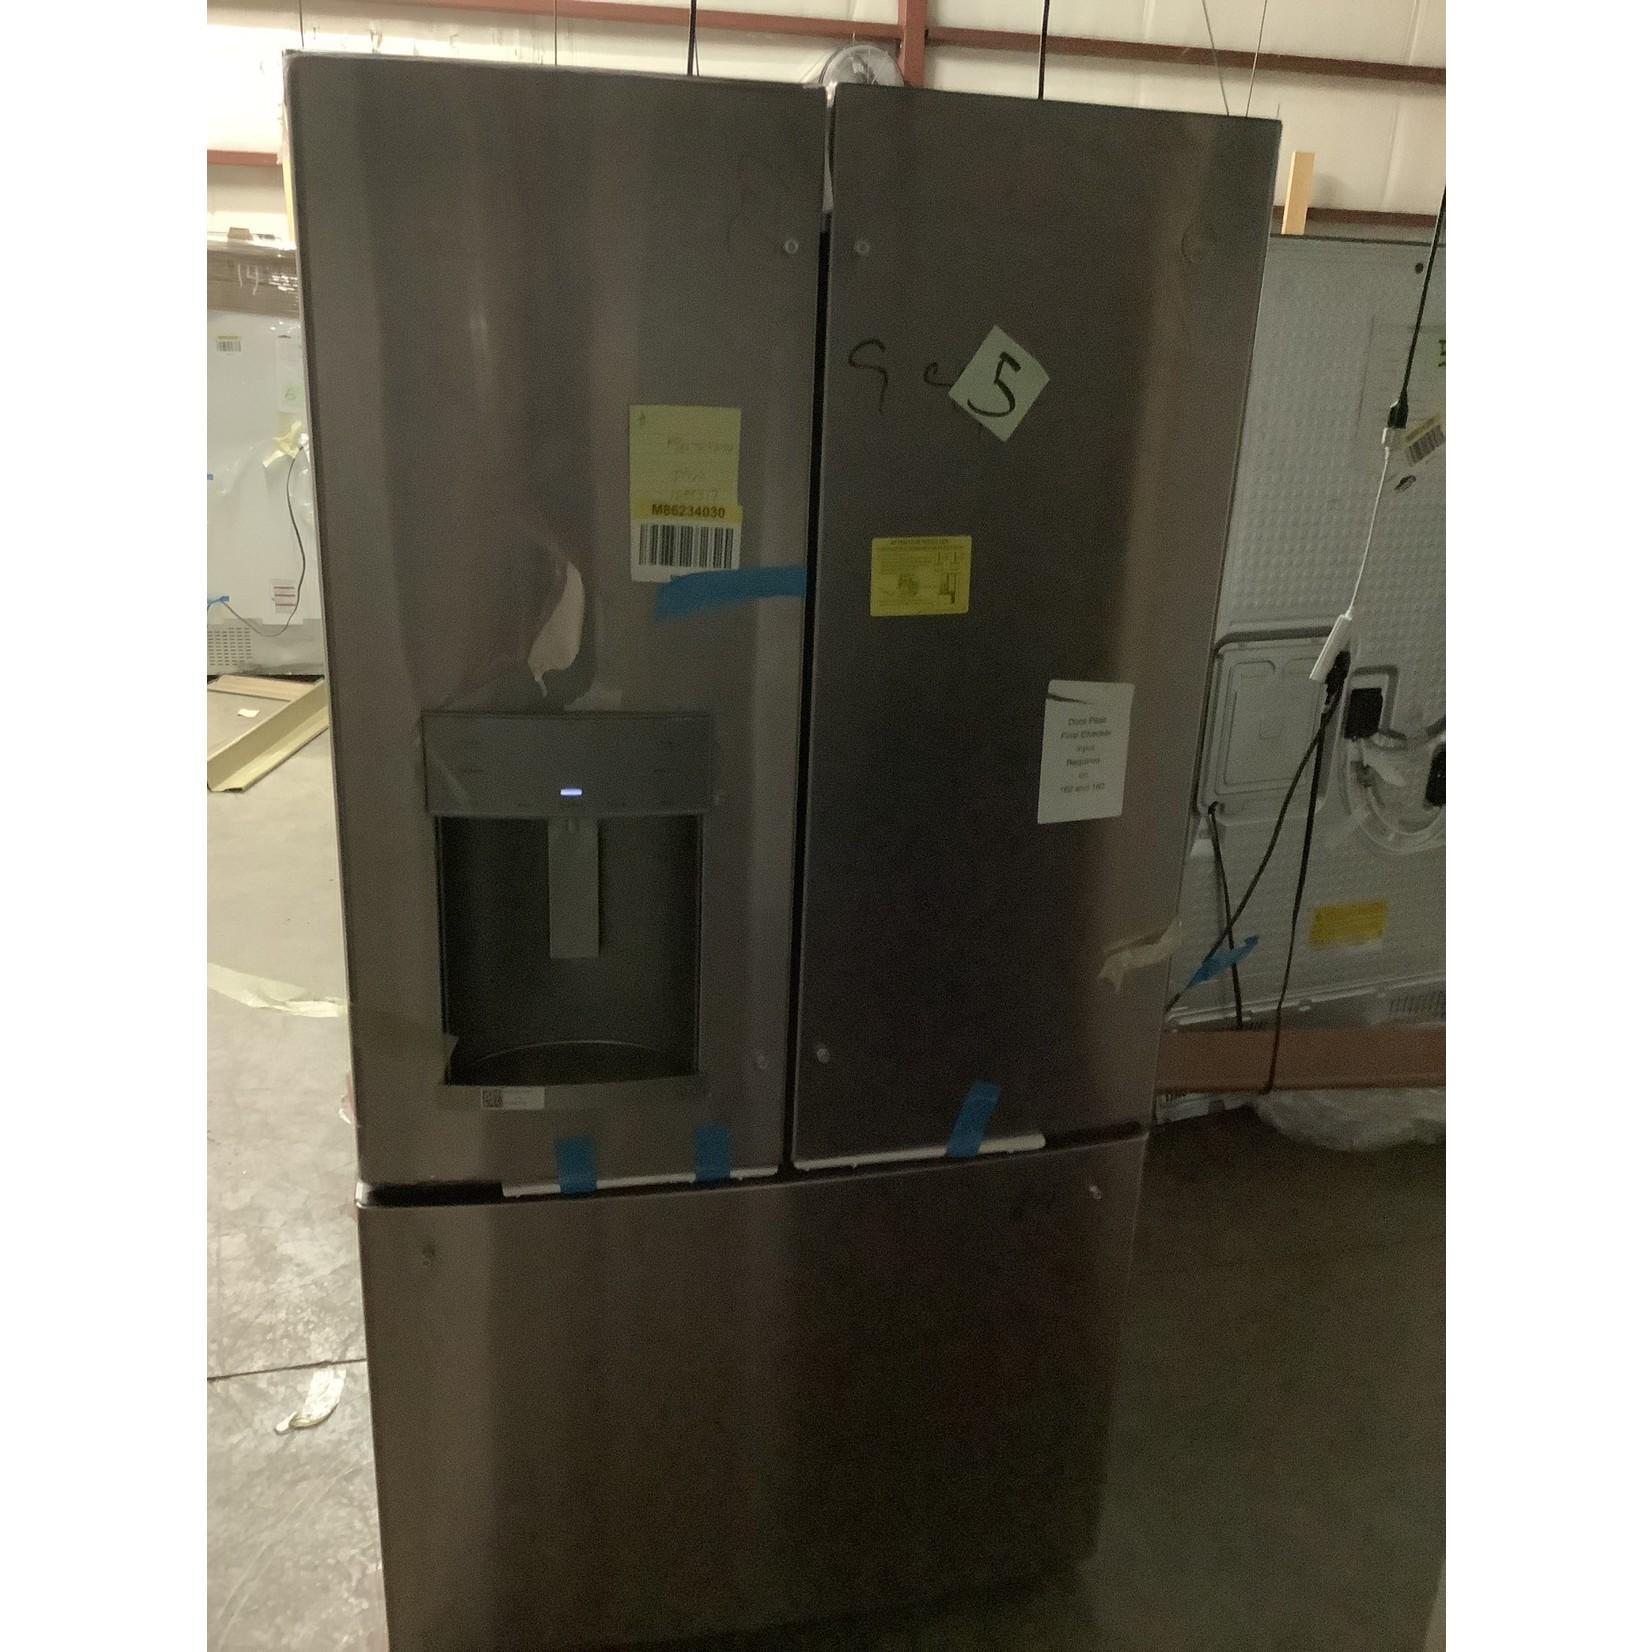 GE Ge 3 door refrigerator